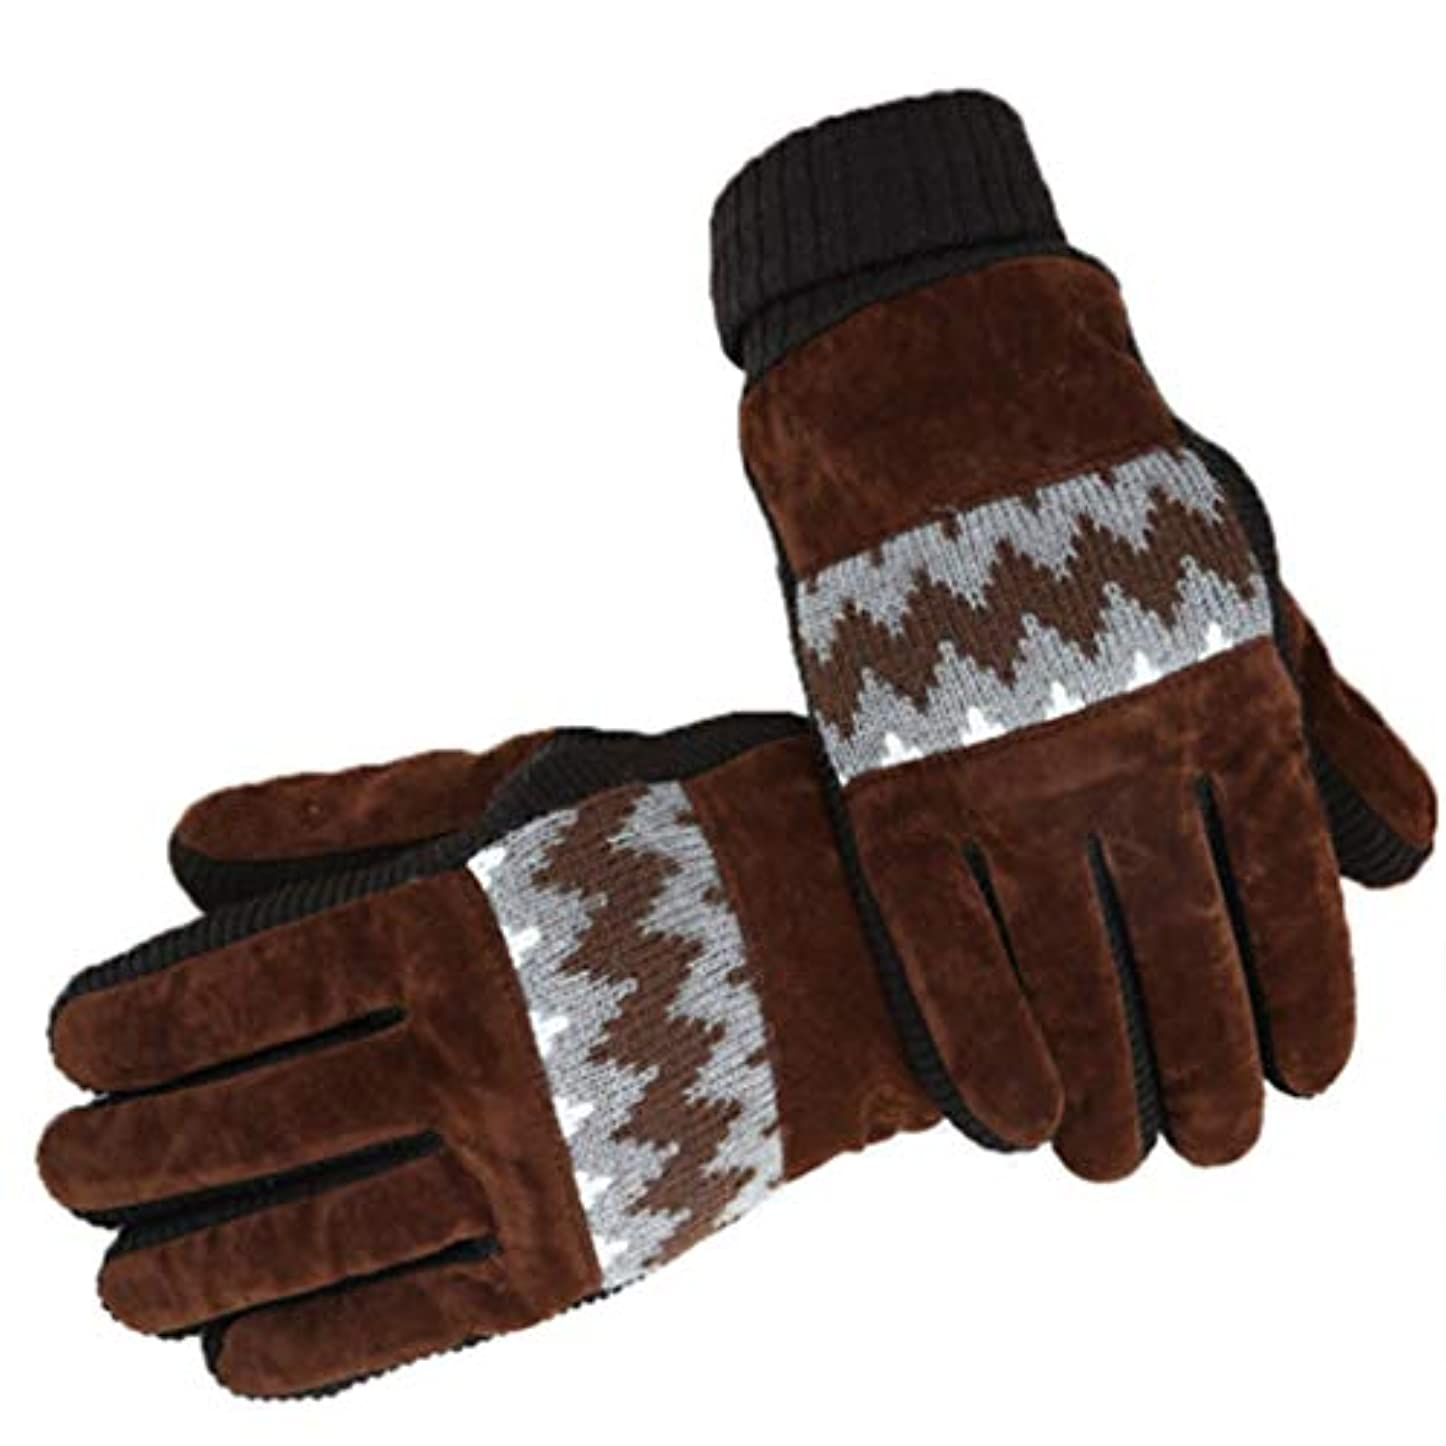 小説見るお世話になった手袋の男性の冬プラスベルベット寒い暖かいサイクリング秋と冬の防風タッチスクリーンの綿手袋の水リップル黒 (色 : Brown)